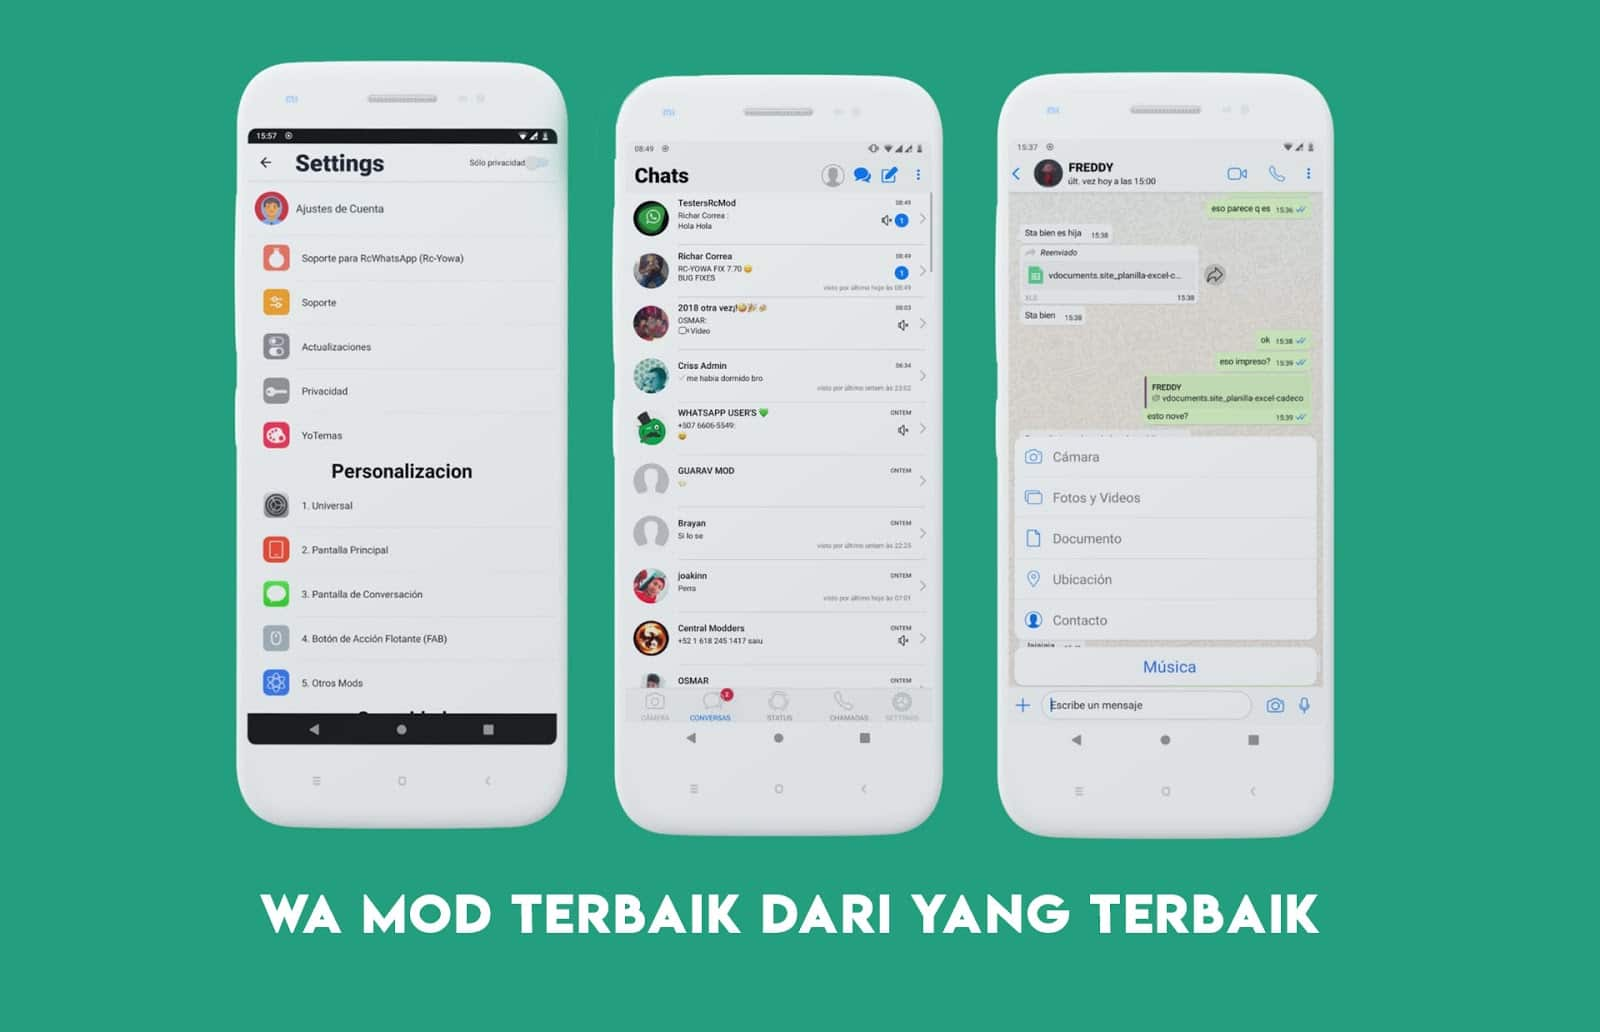 Fitur-fitur-WhatsApp-Mod-iOS